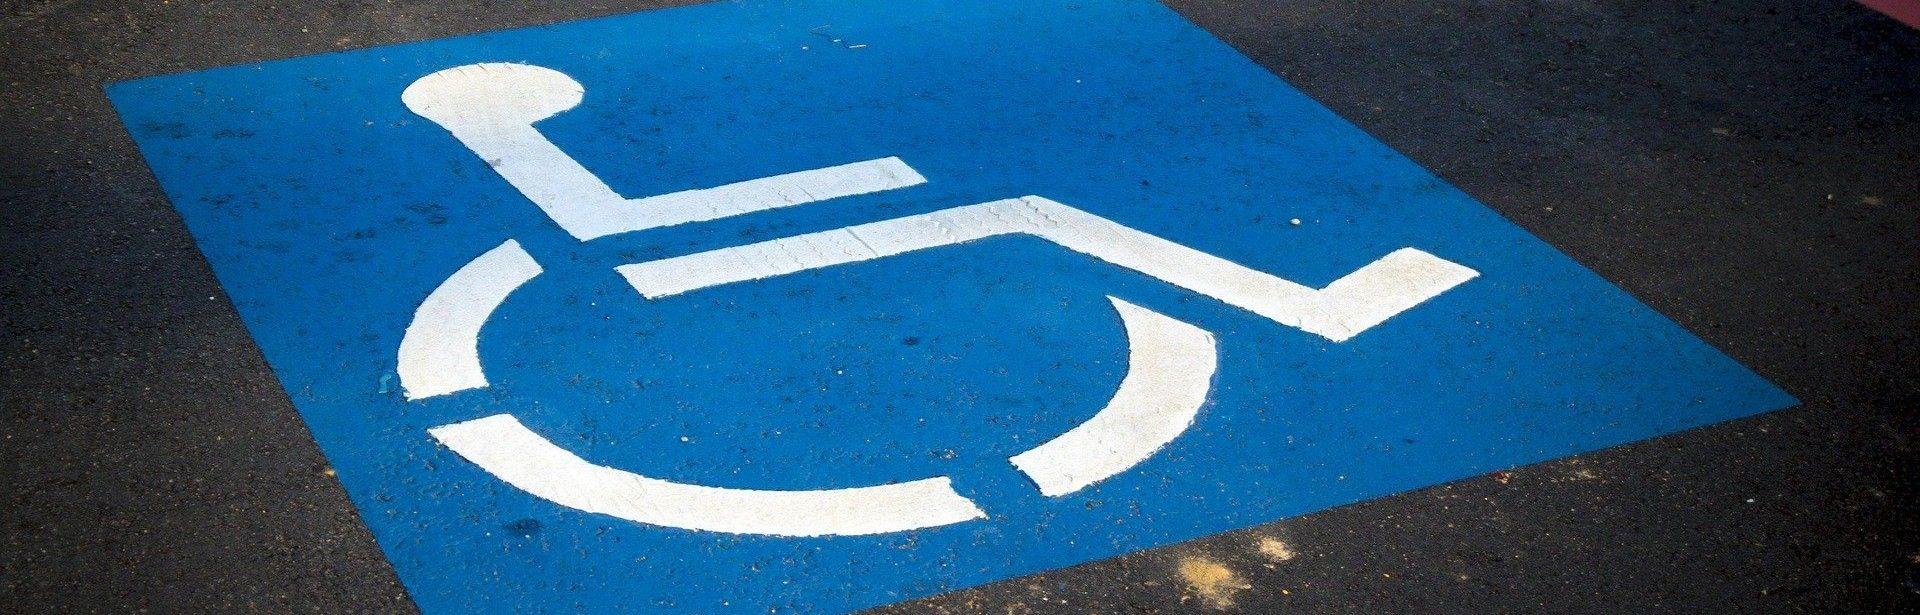 Kosten in Behindertenpauschale